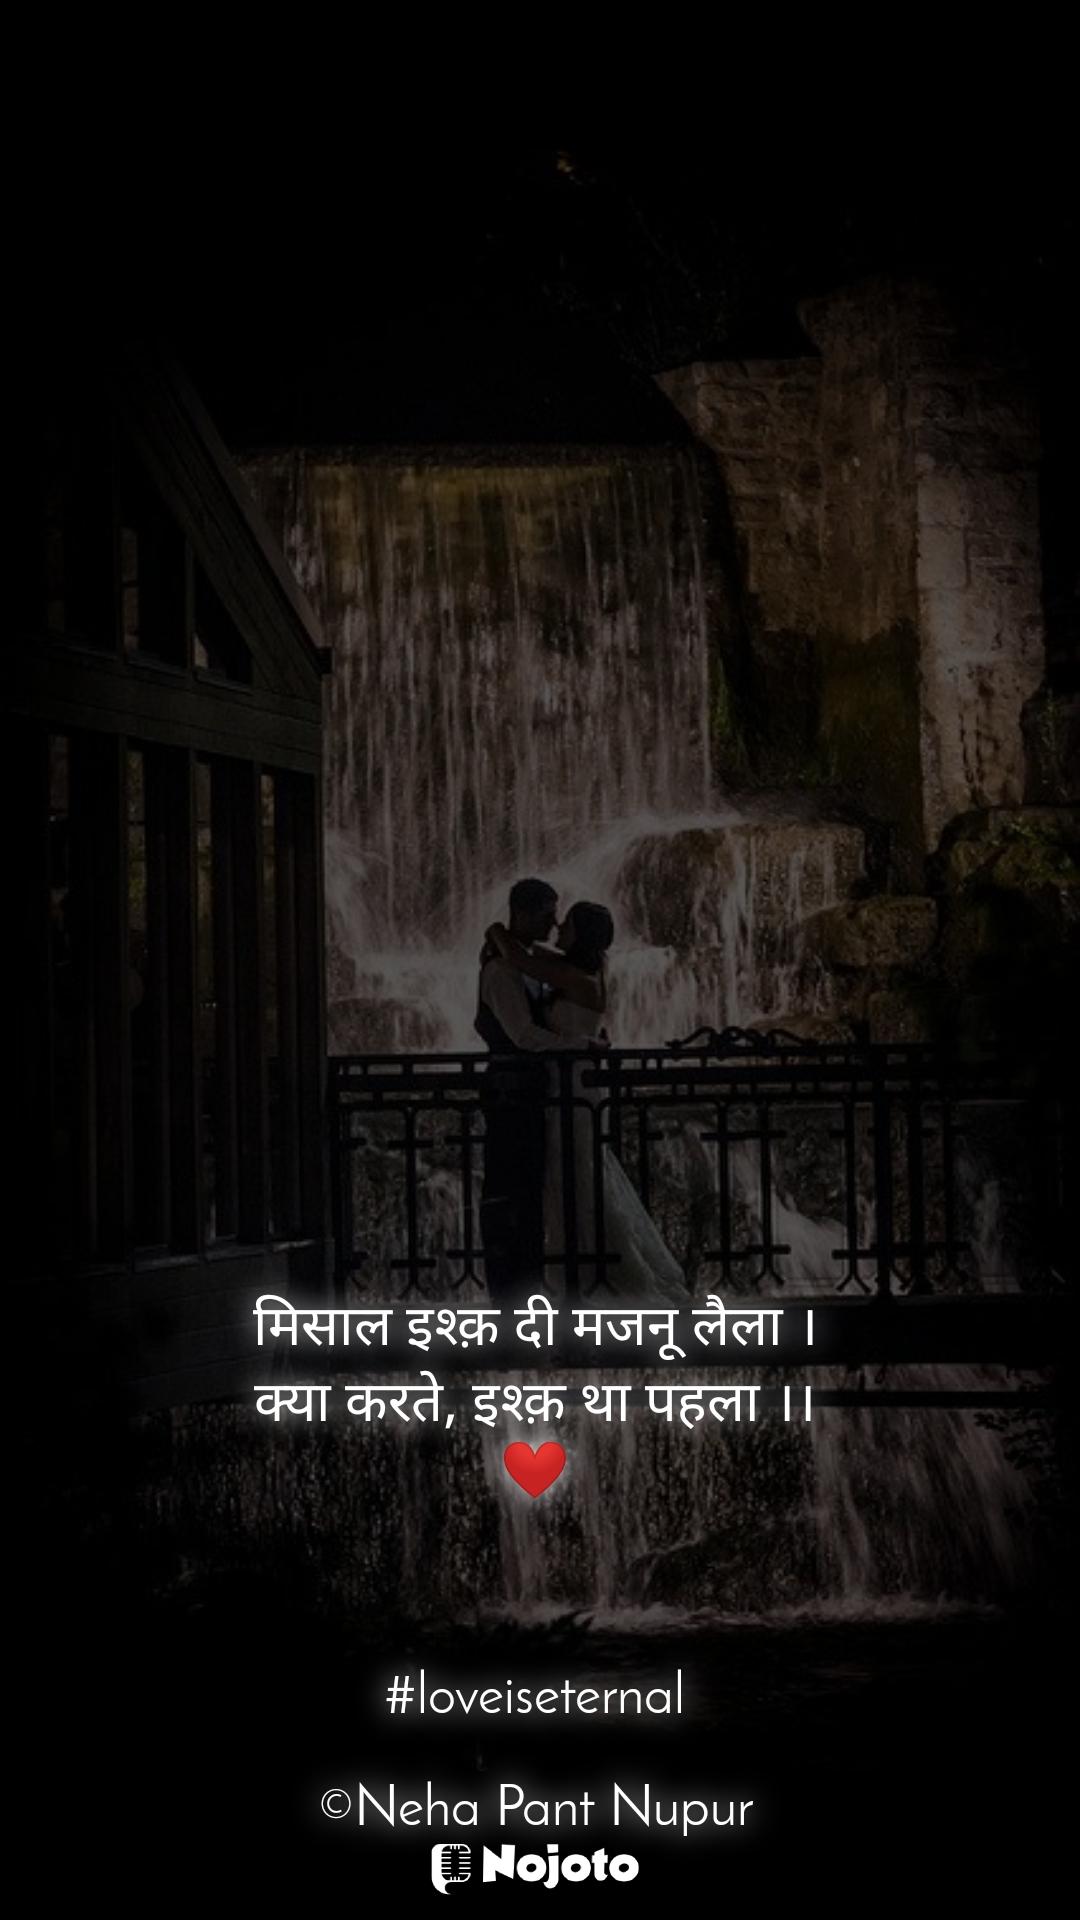 मिसाल इश्क़ दी मजनू लैला । क्या करते, इश्क़ था पहला ।। ❤️    #loveiseternal  ©Neha Pant Nupur